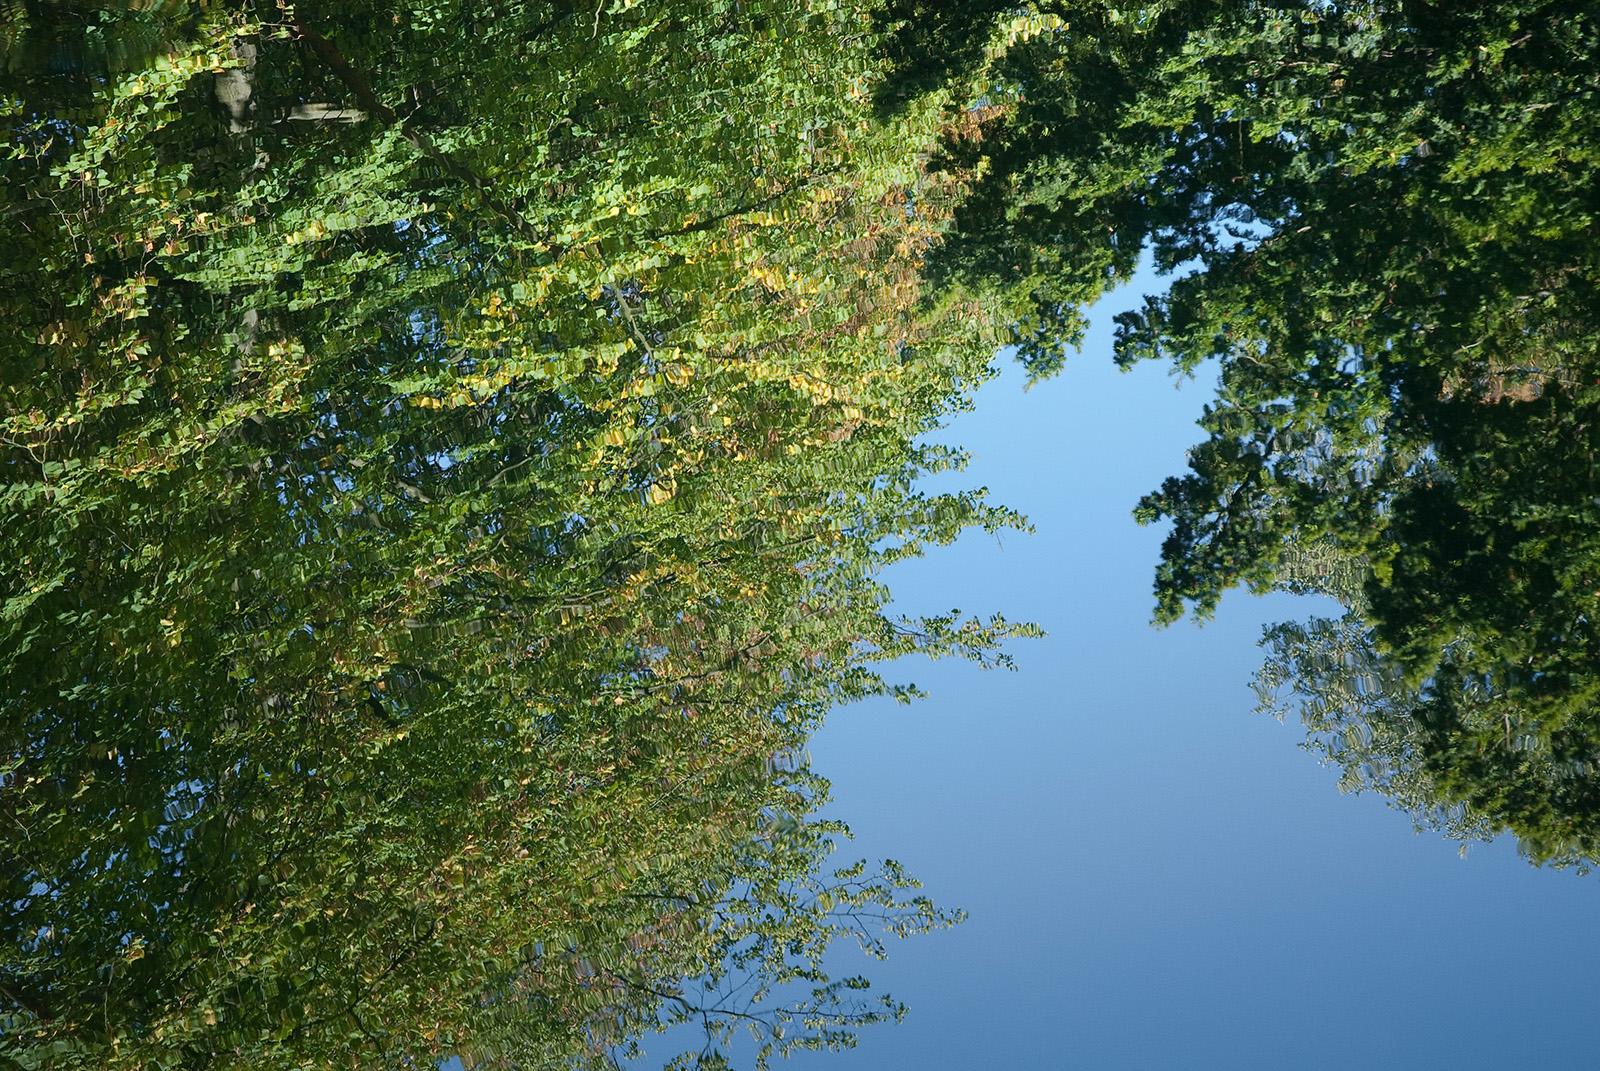 Ludwigslust 14: Blick in den Himmel in die Bäume durch das Wasser